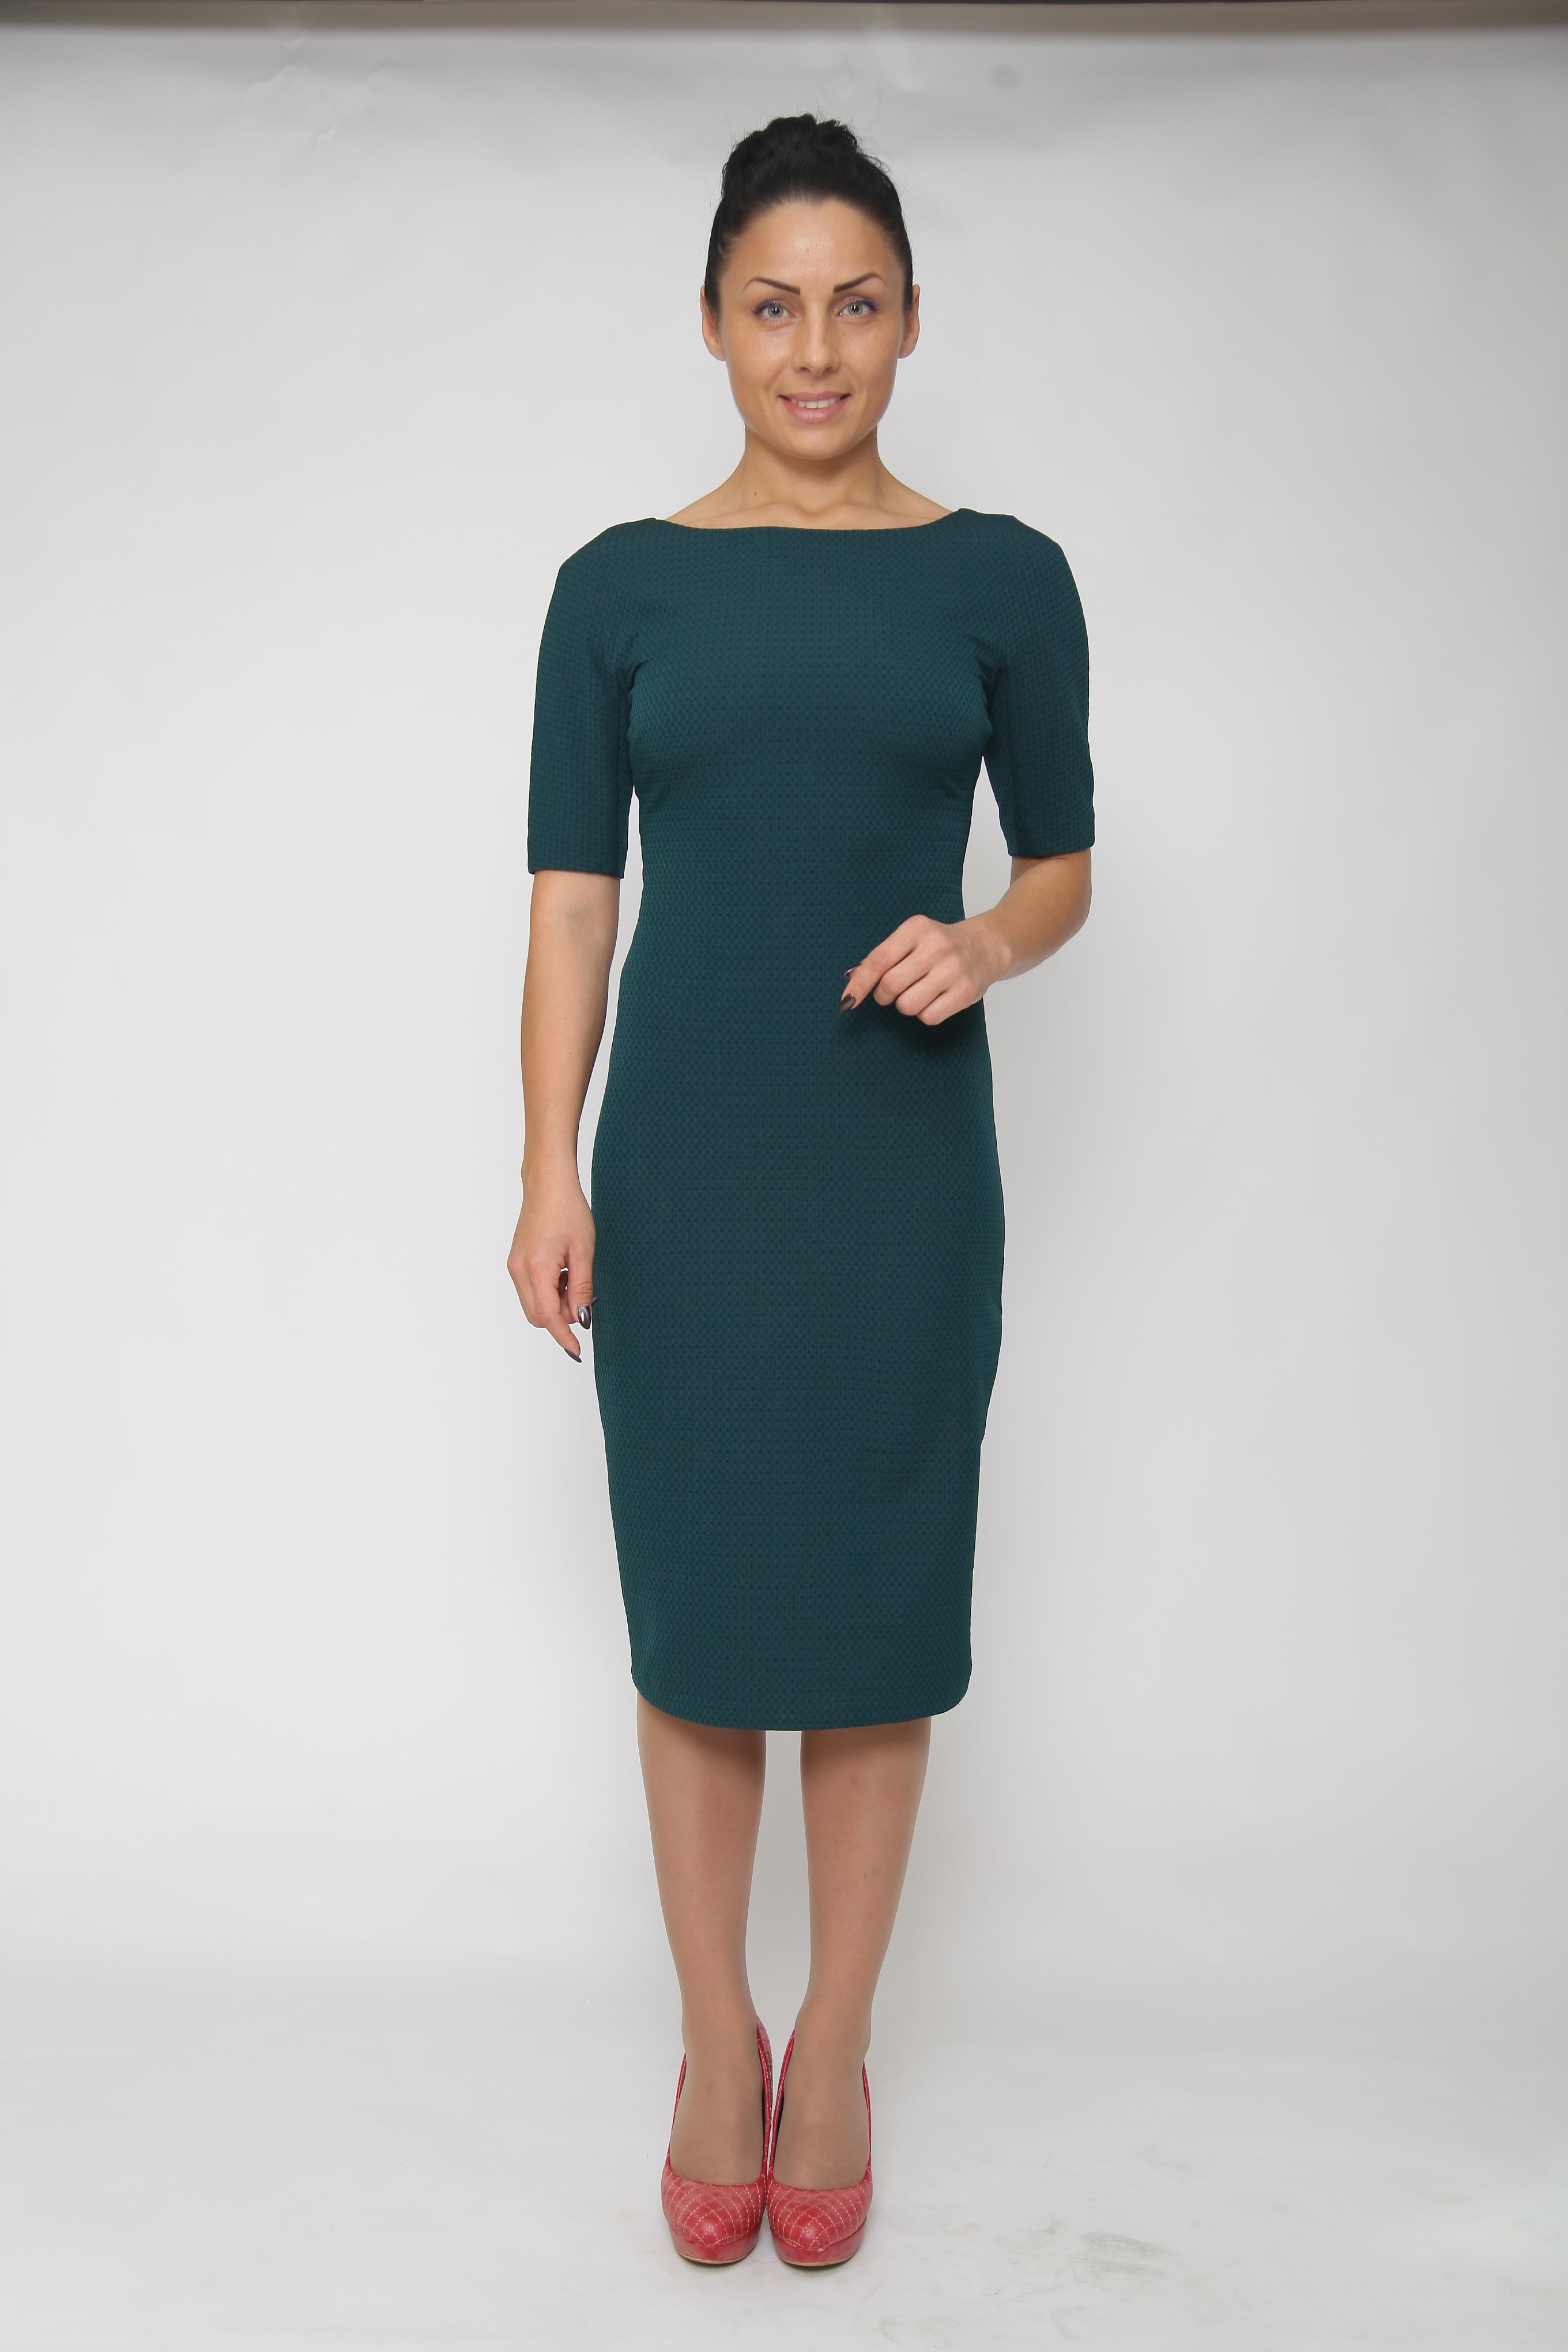 ПлатьеПлатья<br>Элегантное женское платье футляр с горловиной лодочка. Рукав 3/4. Отличный выбор для повседневного и делового гардероба. Спинка изделия из основной ткани.  Цвет: зеленый  Ростовка изделия 164 см.<br><br>По образу: Город,Свидание<br>По стилю: Классический стиль,Повседневный стиль<br>По материалу: Вискоза,Трикотаж<br>По рисунку: Однотонные<br>По сезону: Осень,Весна<br>По силуэту: Приталенные<br>По форме: Платье - футляр<br>По длине: Ниже колена<br>Рукав: Рукав три четверти<br>Горловина: Лодочка<br>Размер: 44,46,48<br>Материал: 65% вискоза 30% нейлон 5% спандекс<br>Количество в наличии: 2